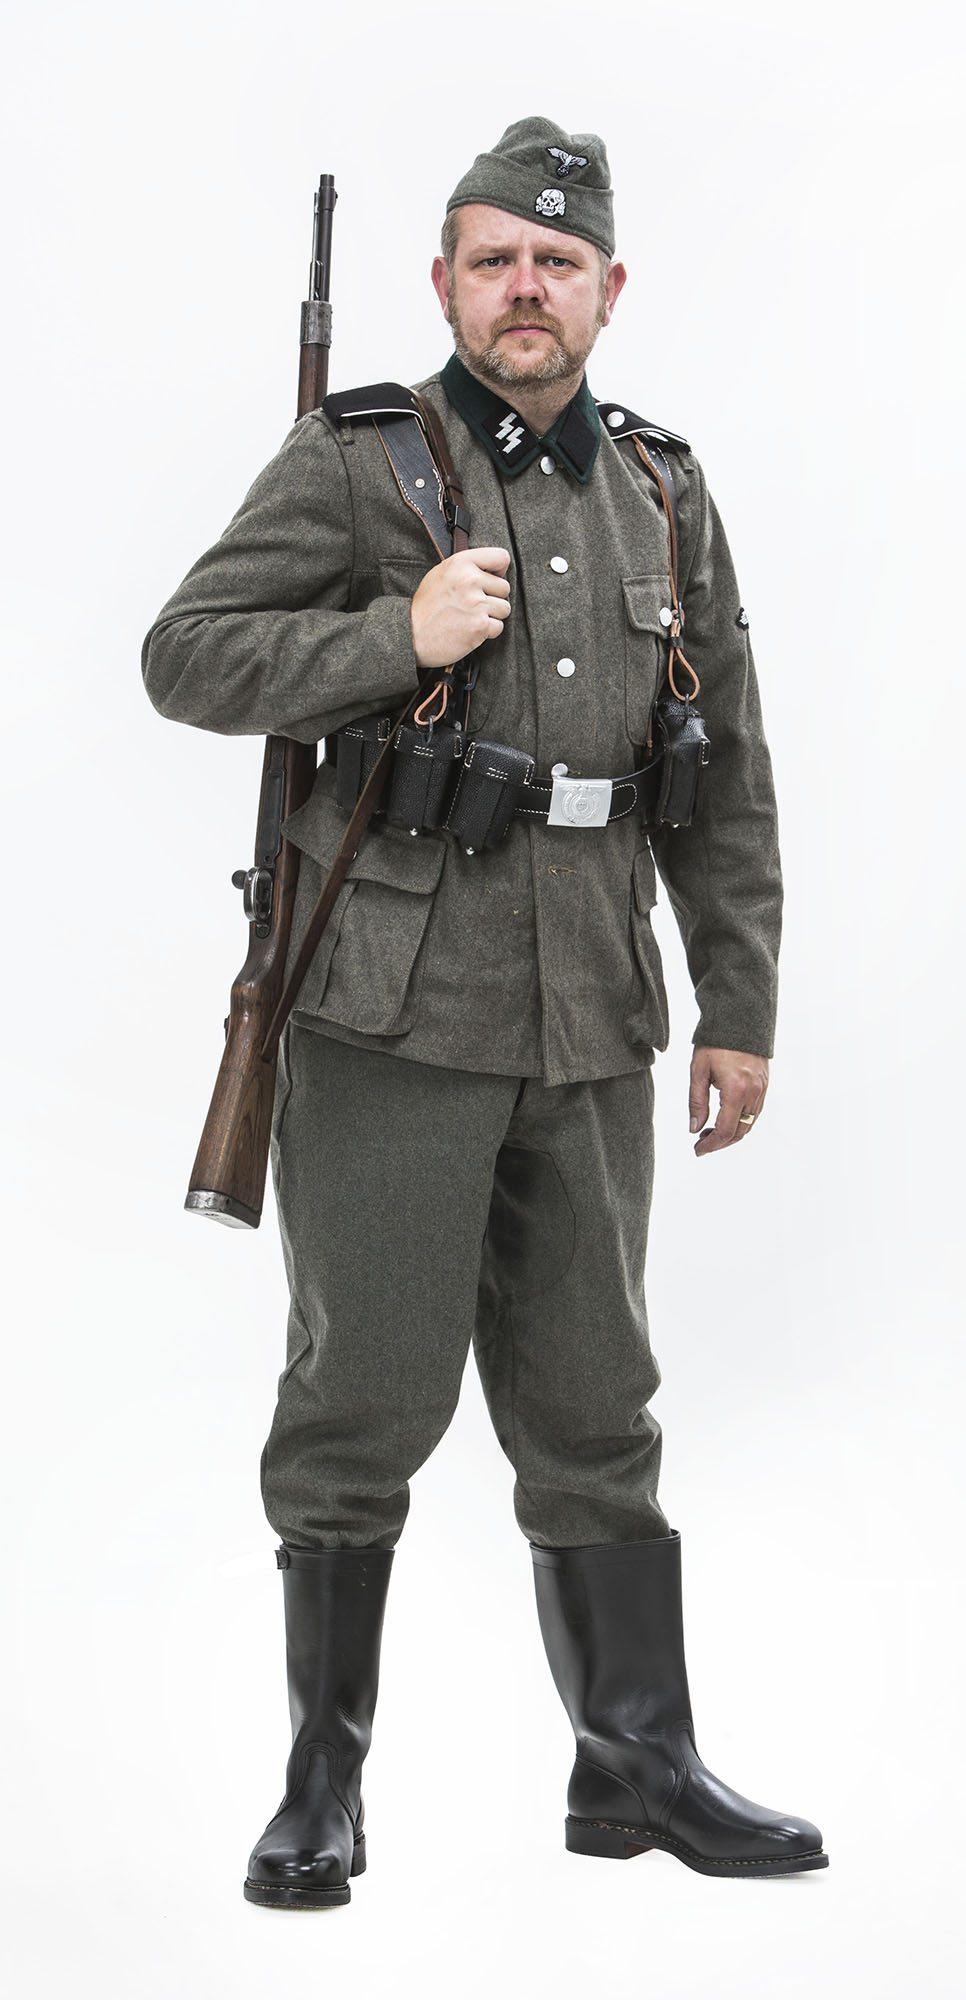 WW2 German SS guard uniform